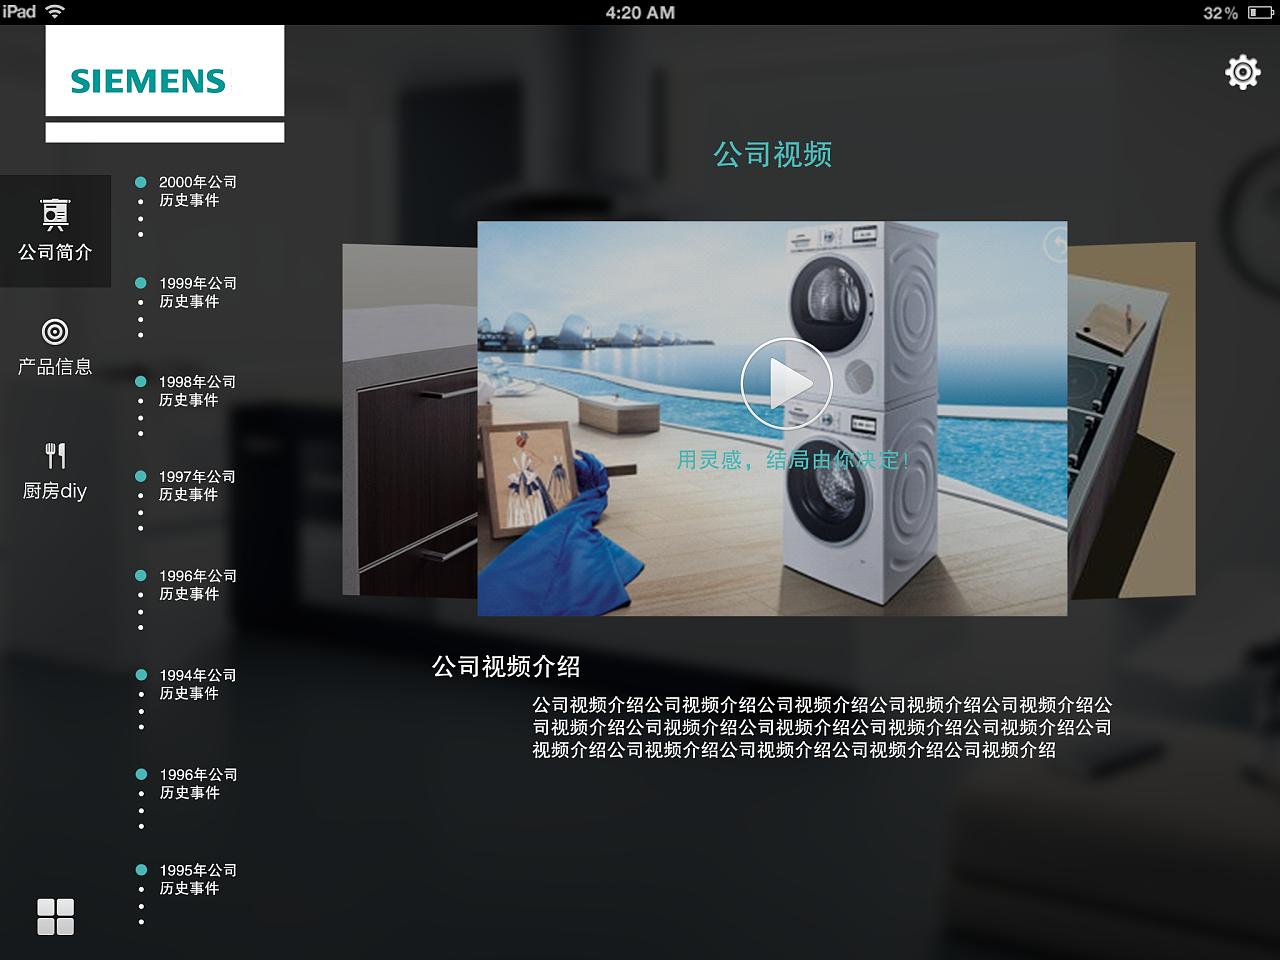 智能家居|ui|app界面|liutongjin - 原创作品 - 站酷图片